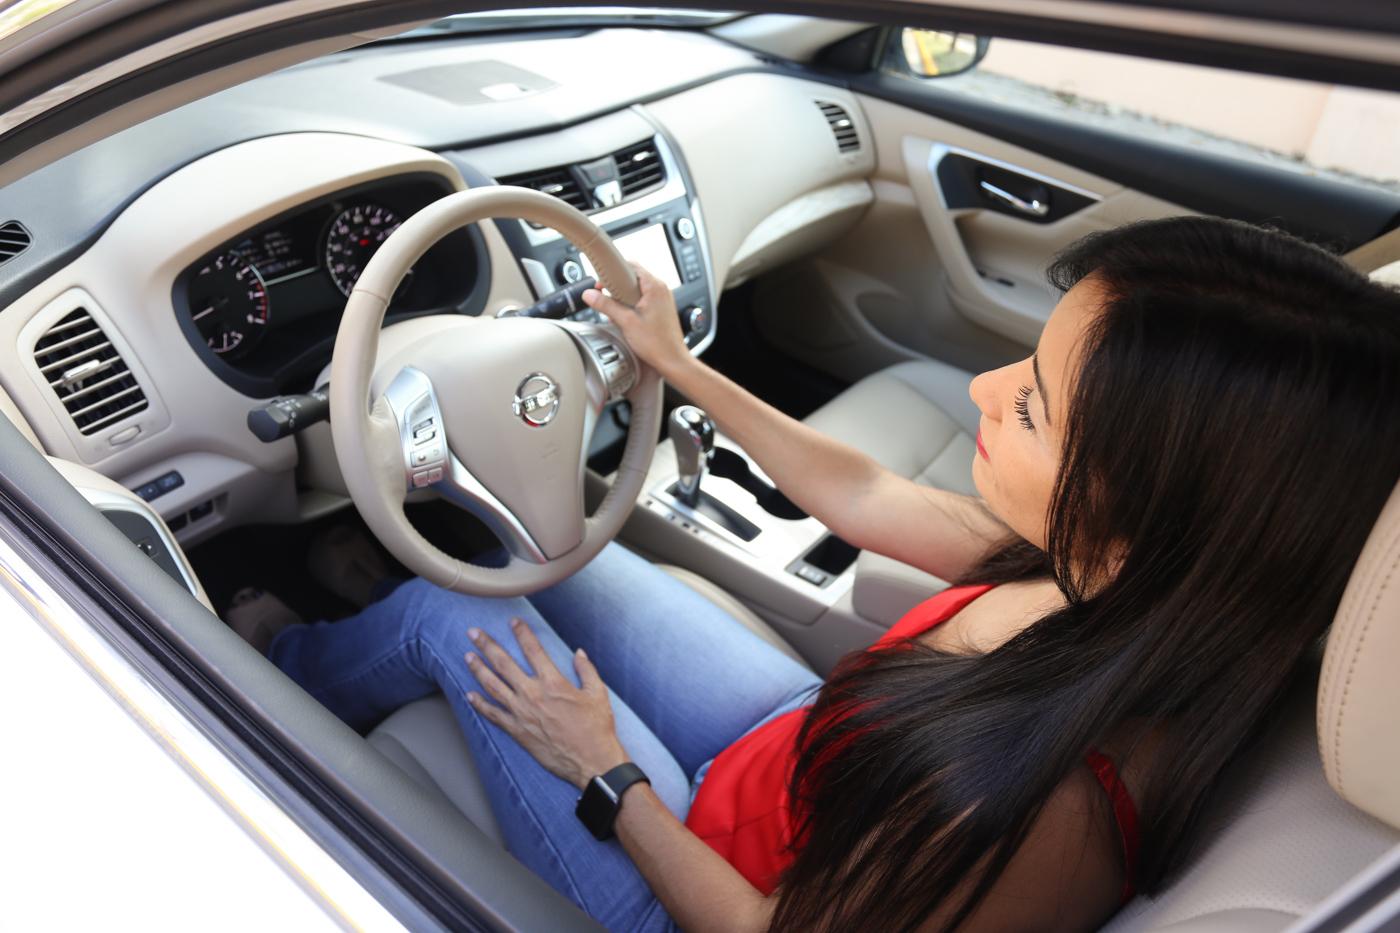 La Profeco emitió una alerta para los dueños de vehículos marca Nissan Mexicana, recomienda que los vehículos se verifiquen de inmediato.